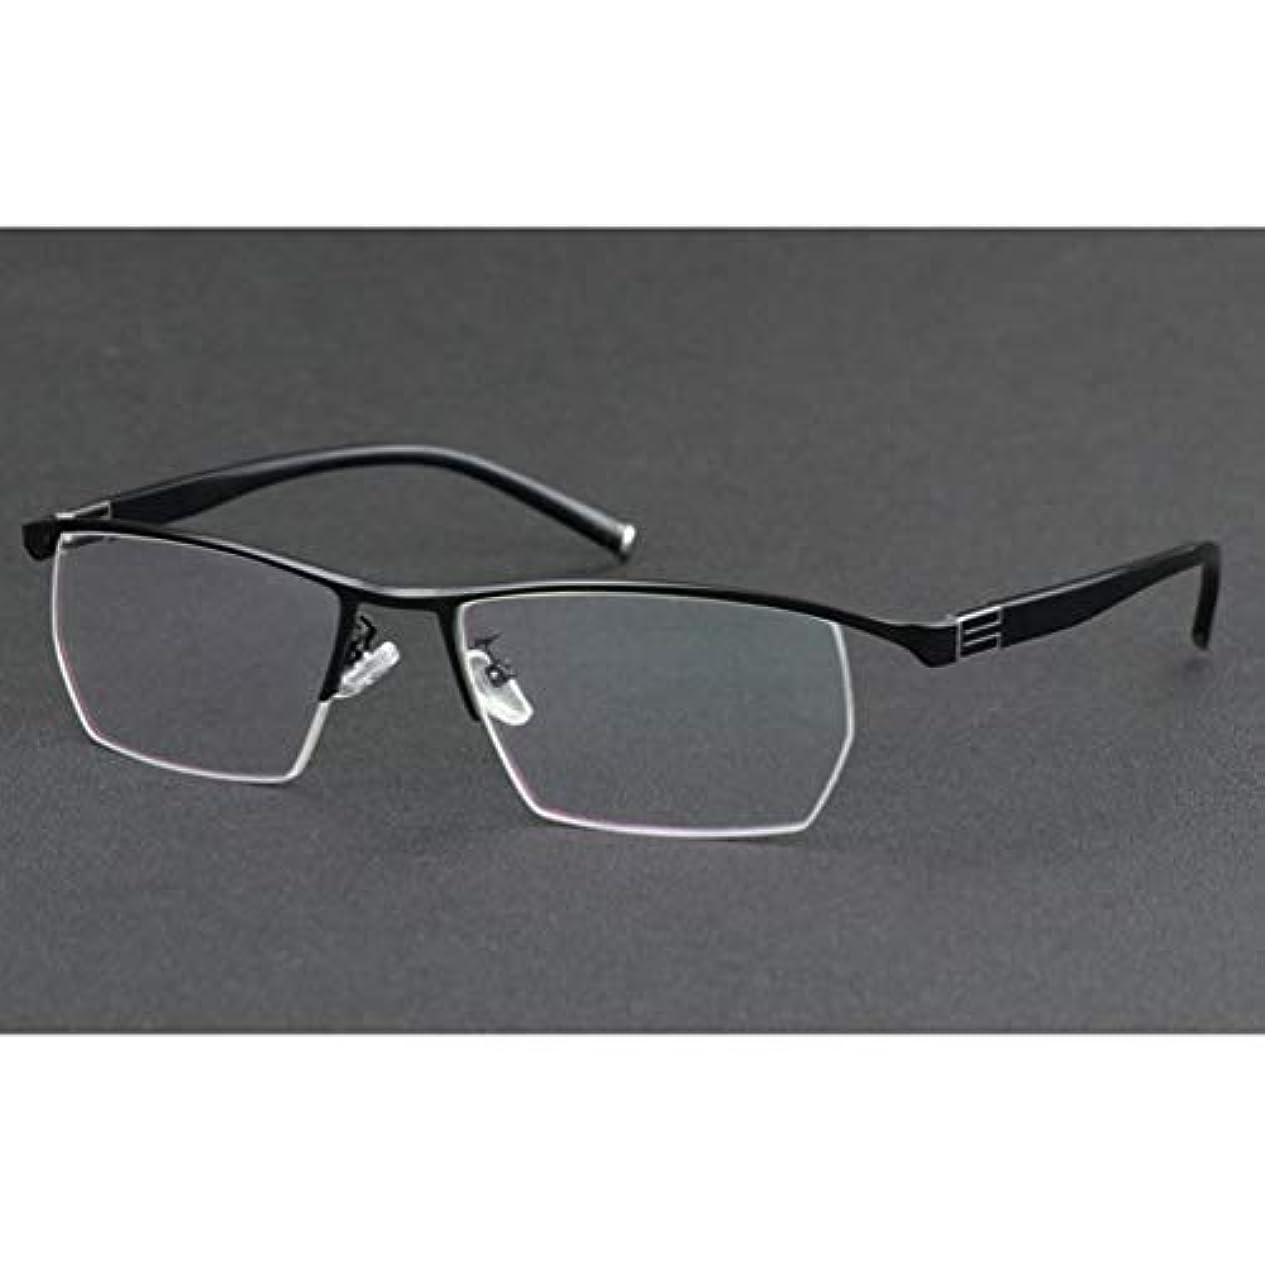 スマートサンリーディングメガネ、Hdオプティカルリーダーコンピューターメガネ、遠近両用 - 男性と女性用